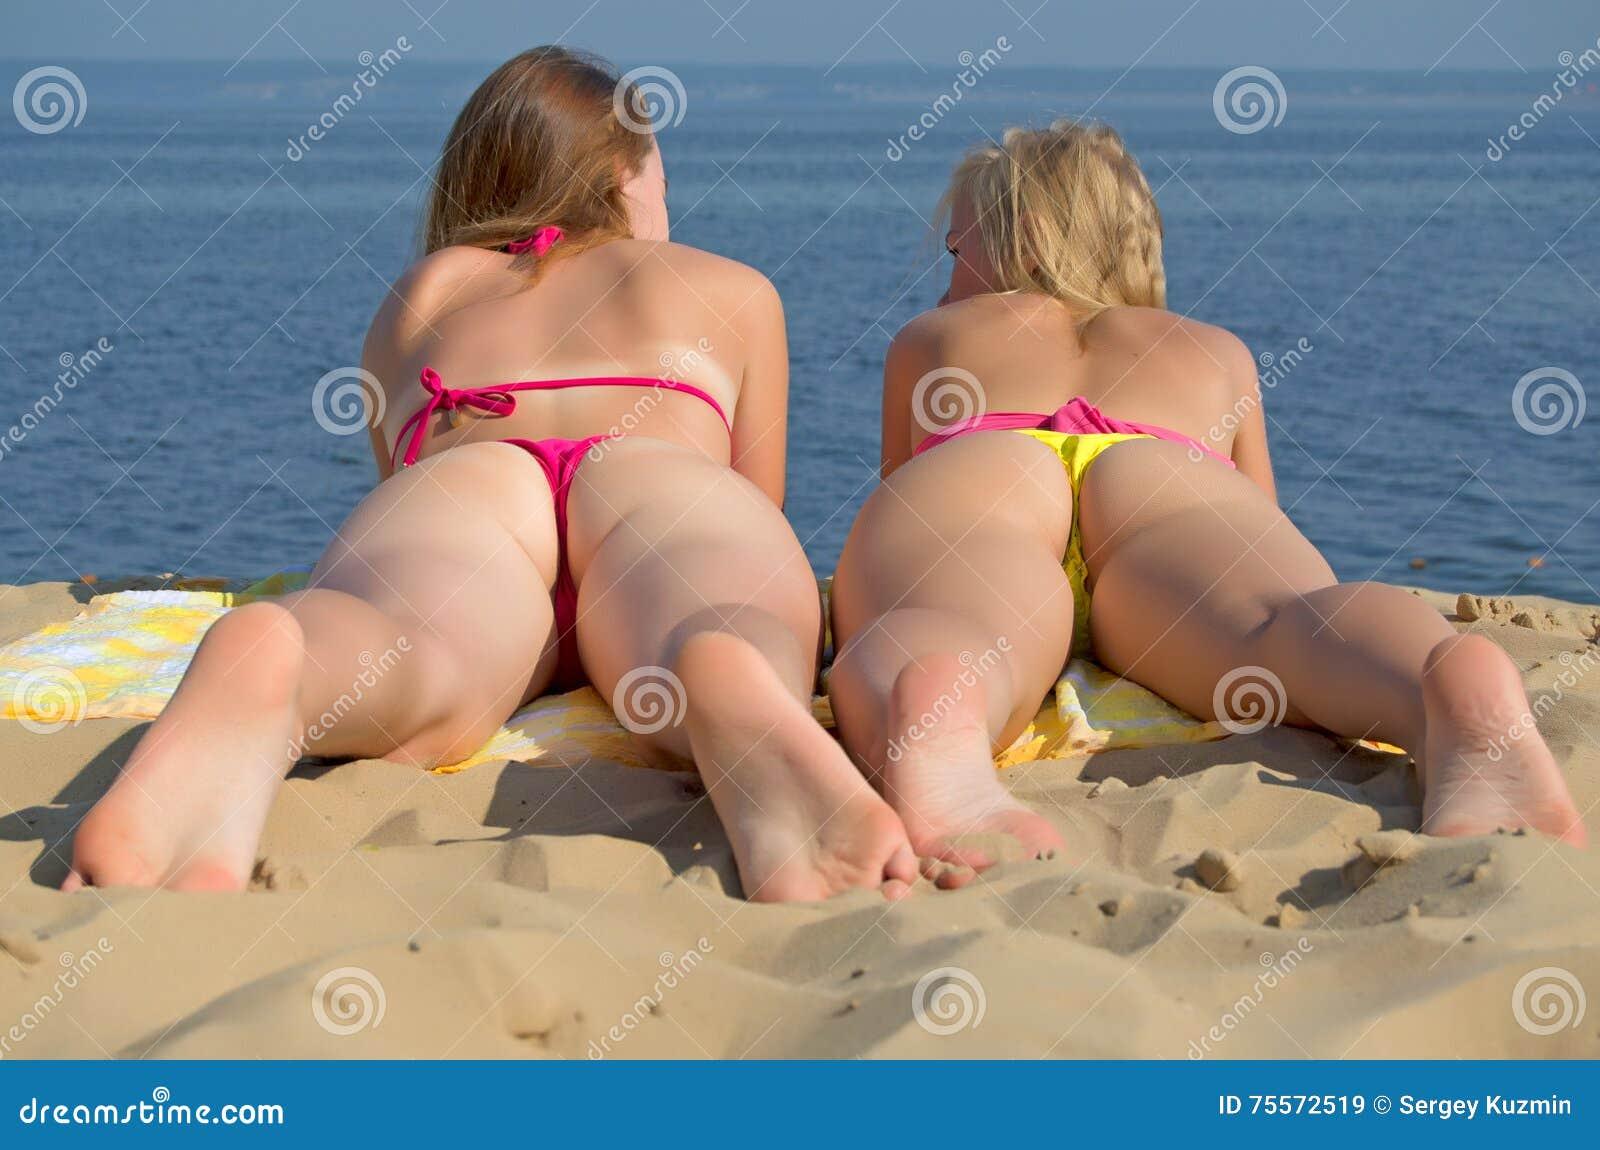 Голая Раздвинула Ноги На Пляже